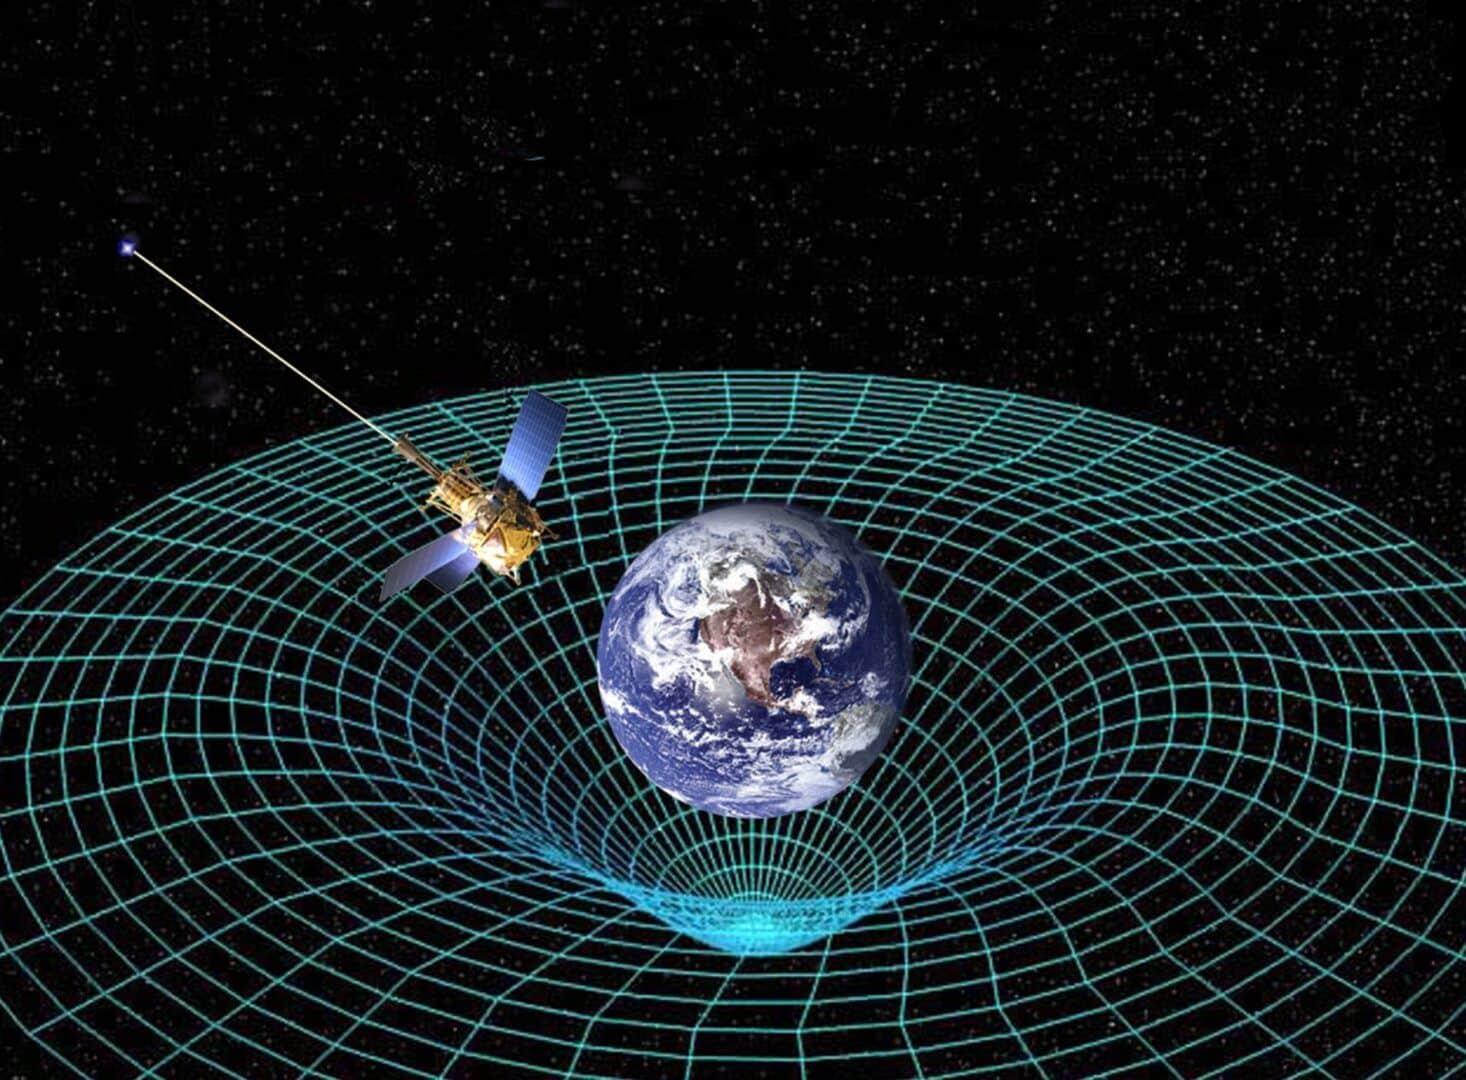 Descobertas de Albert Einstein, quais foram? 7 invenções do físico alemão